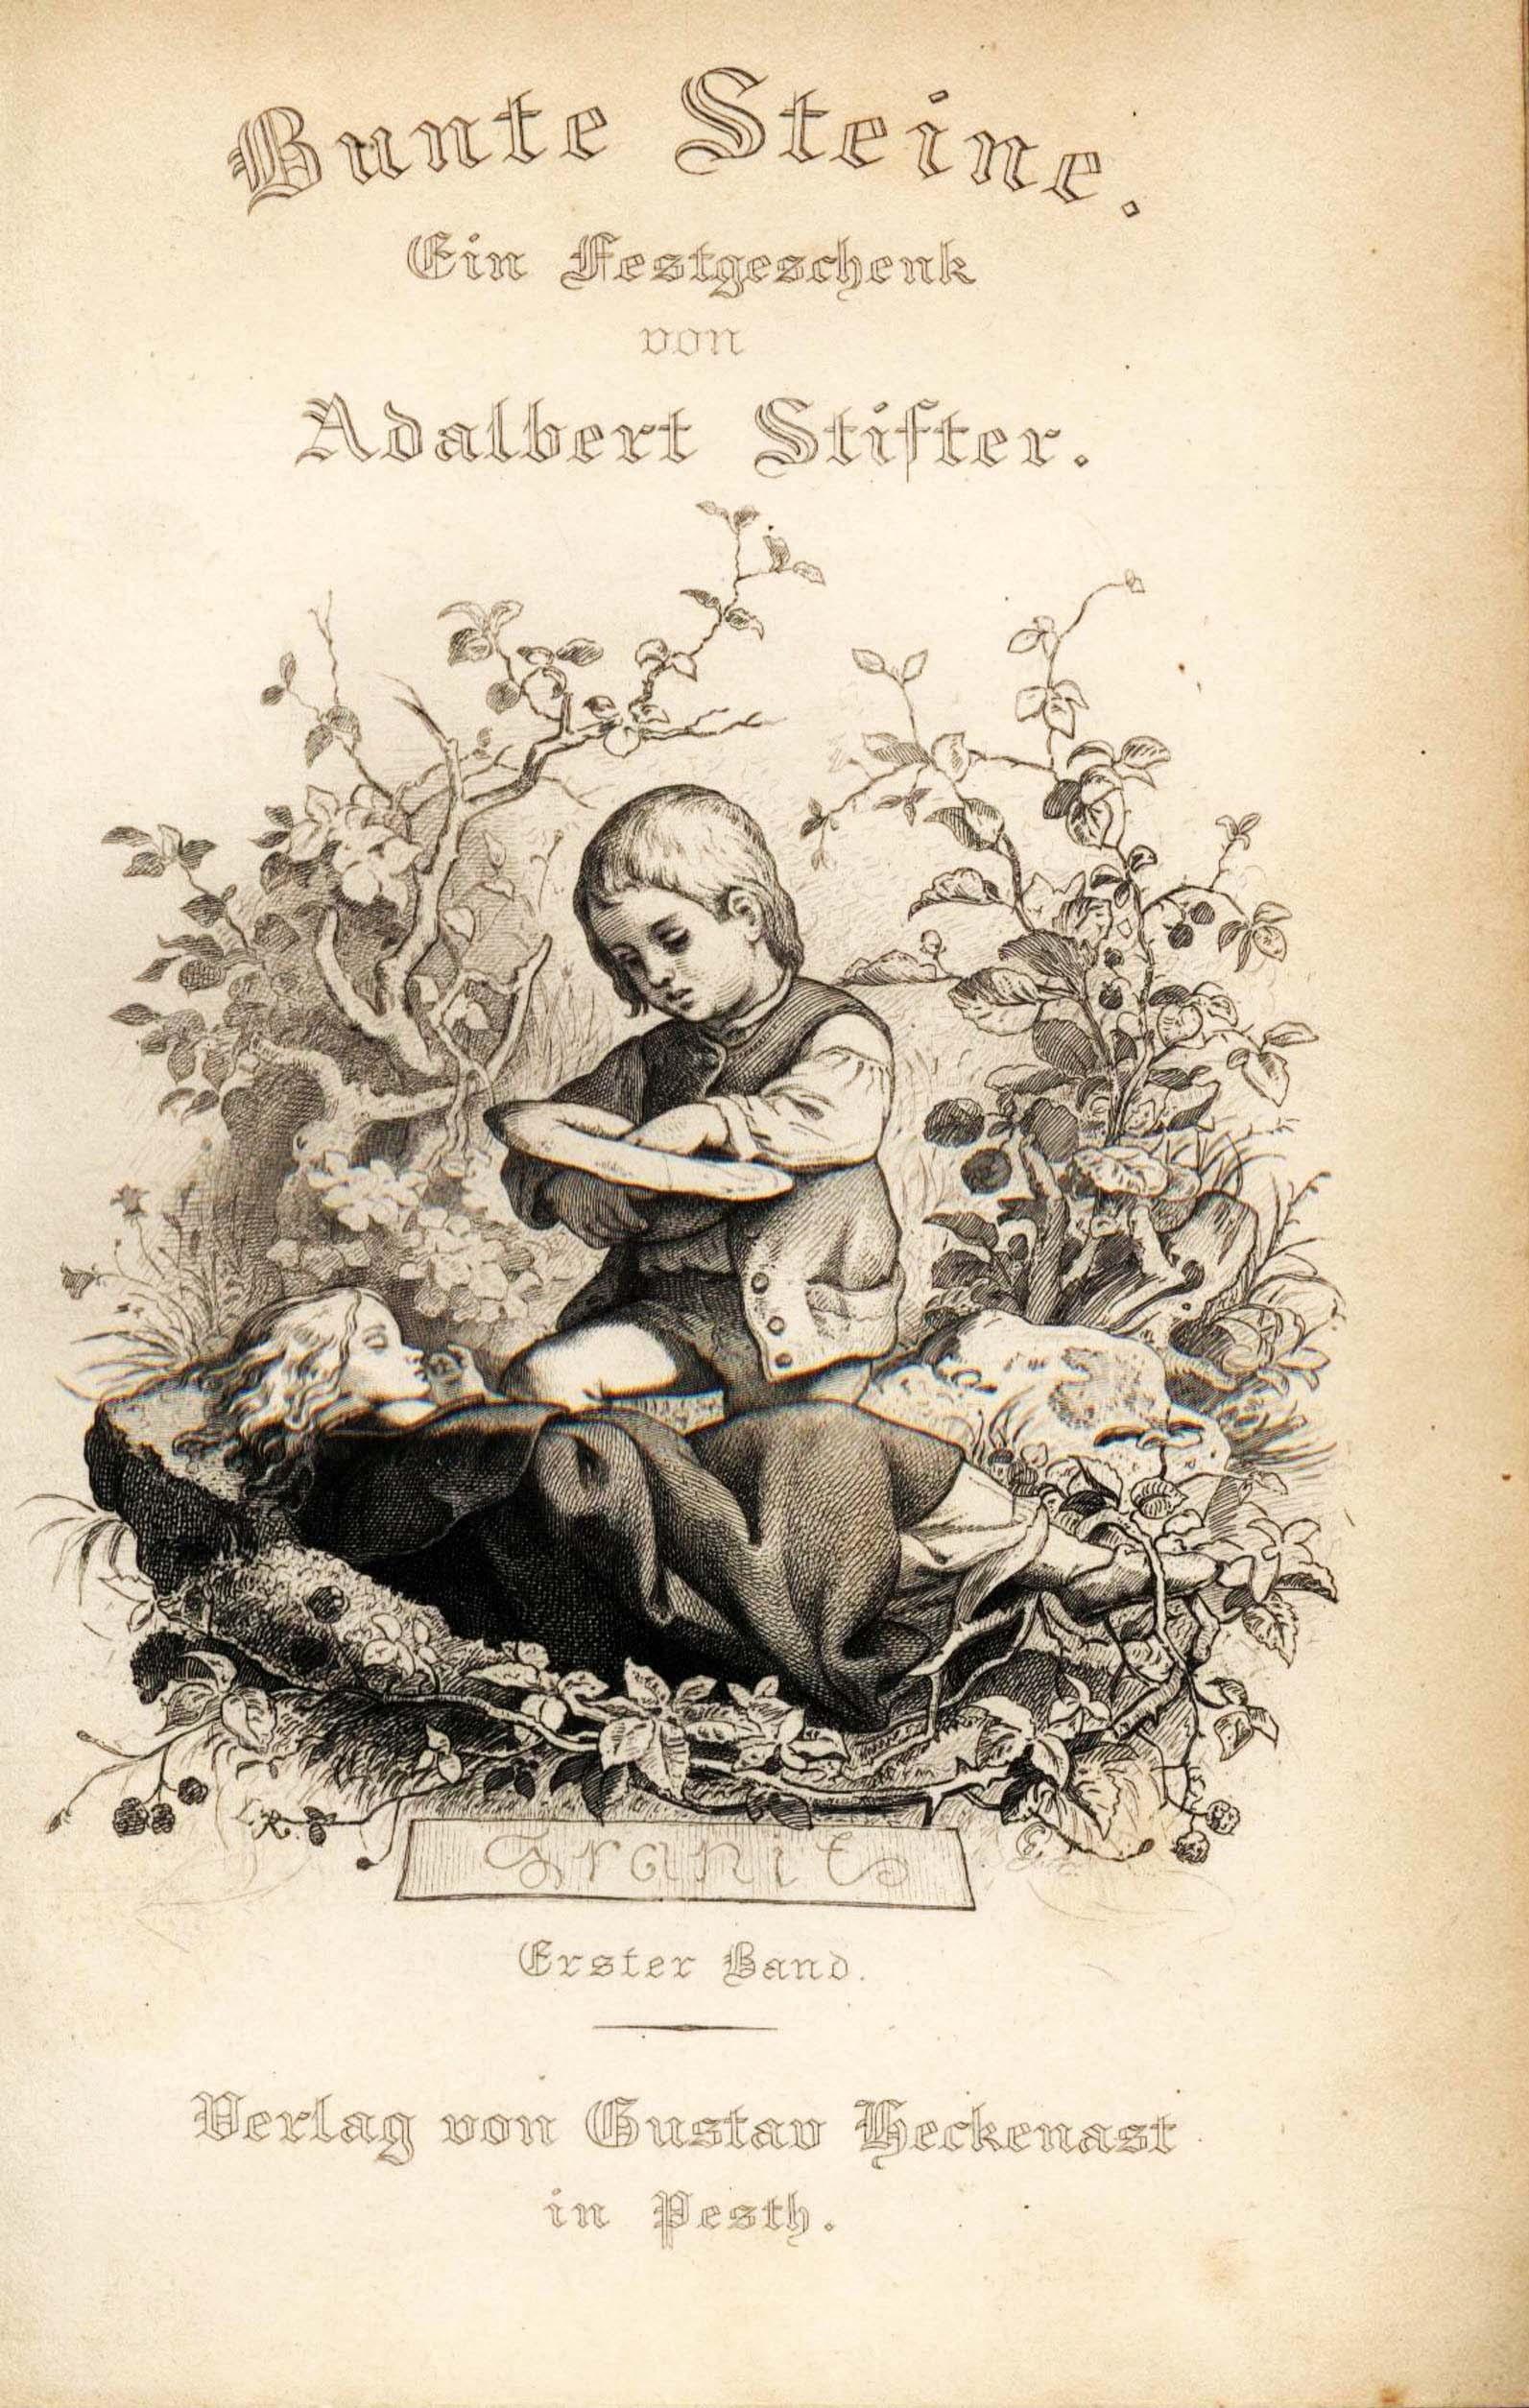 Ludwig Richter, Frontispiz zu Adalbert Stifter, Bunte Steine, 1853, Band 1